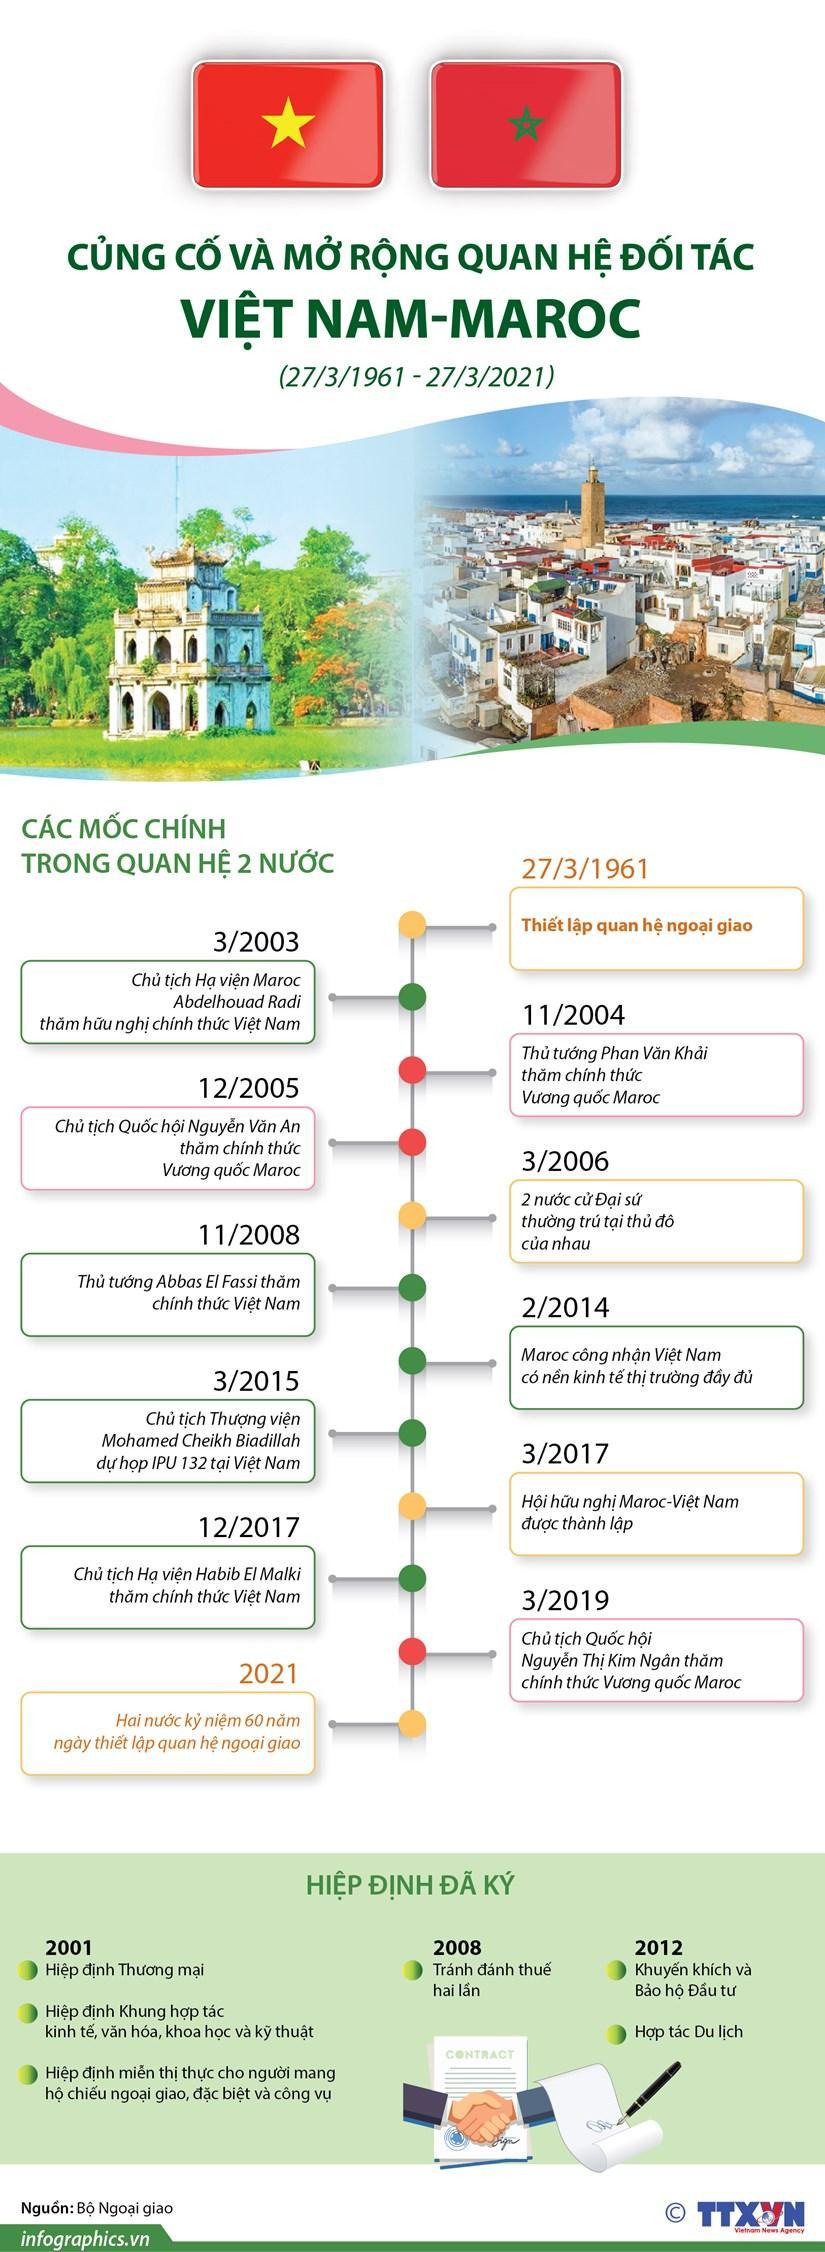 Củng cố và mở rộng quan hệ đối tác Việt Nam-Maroc Ảnh 1